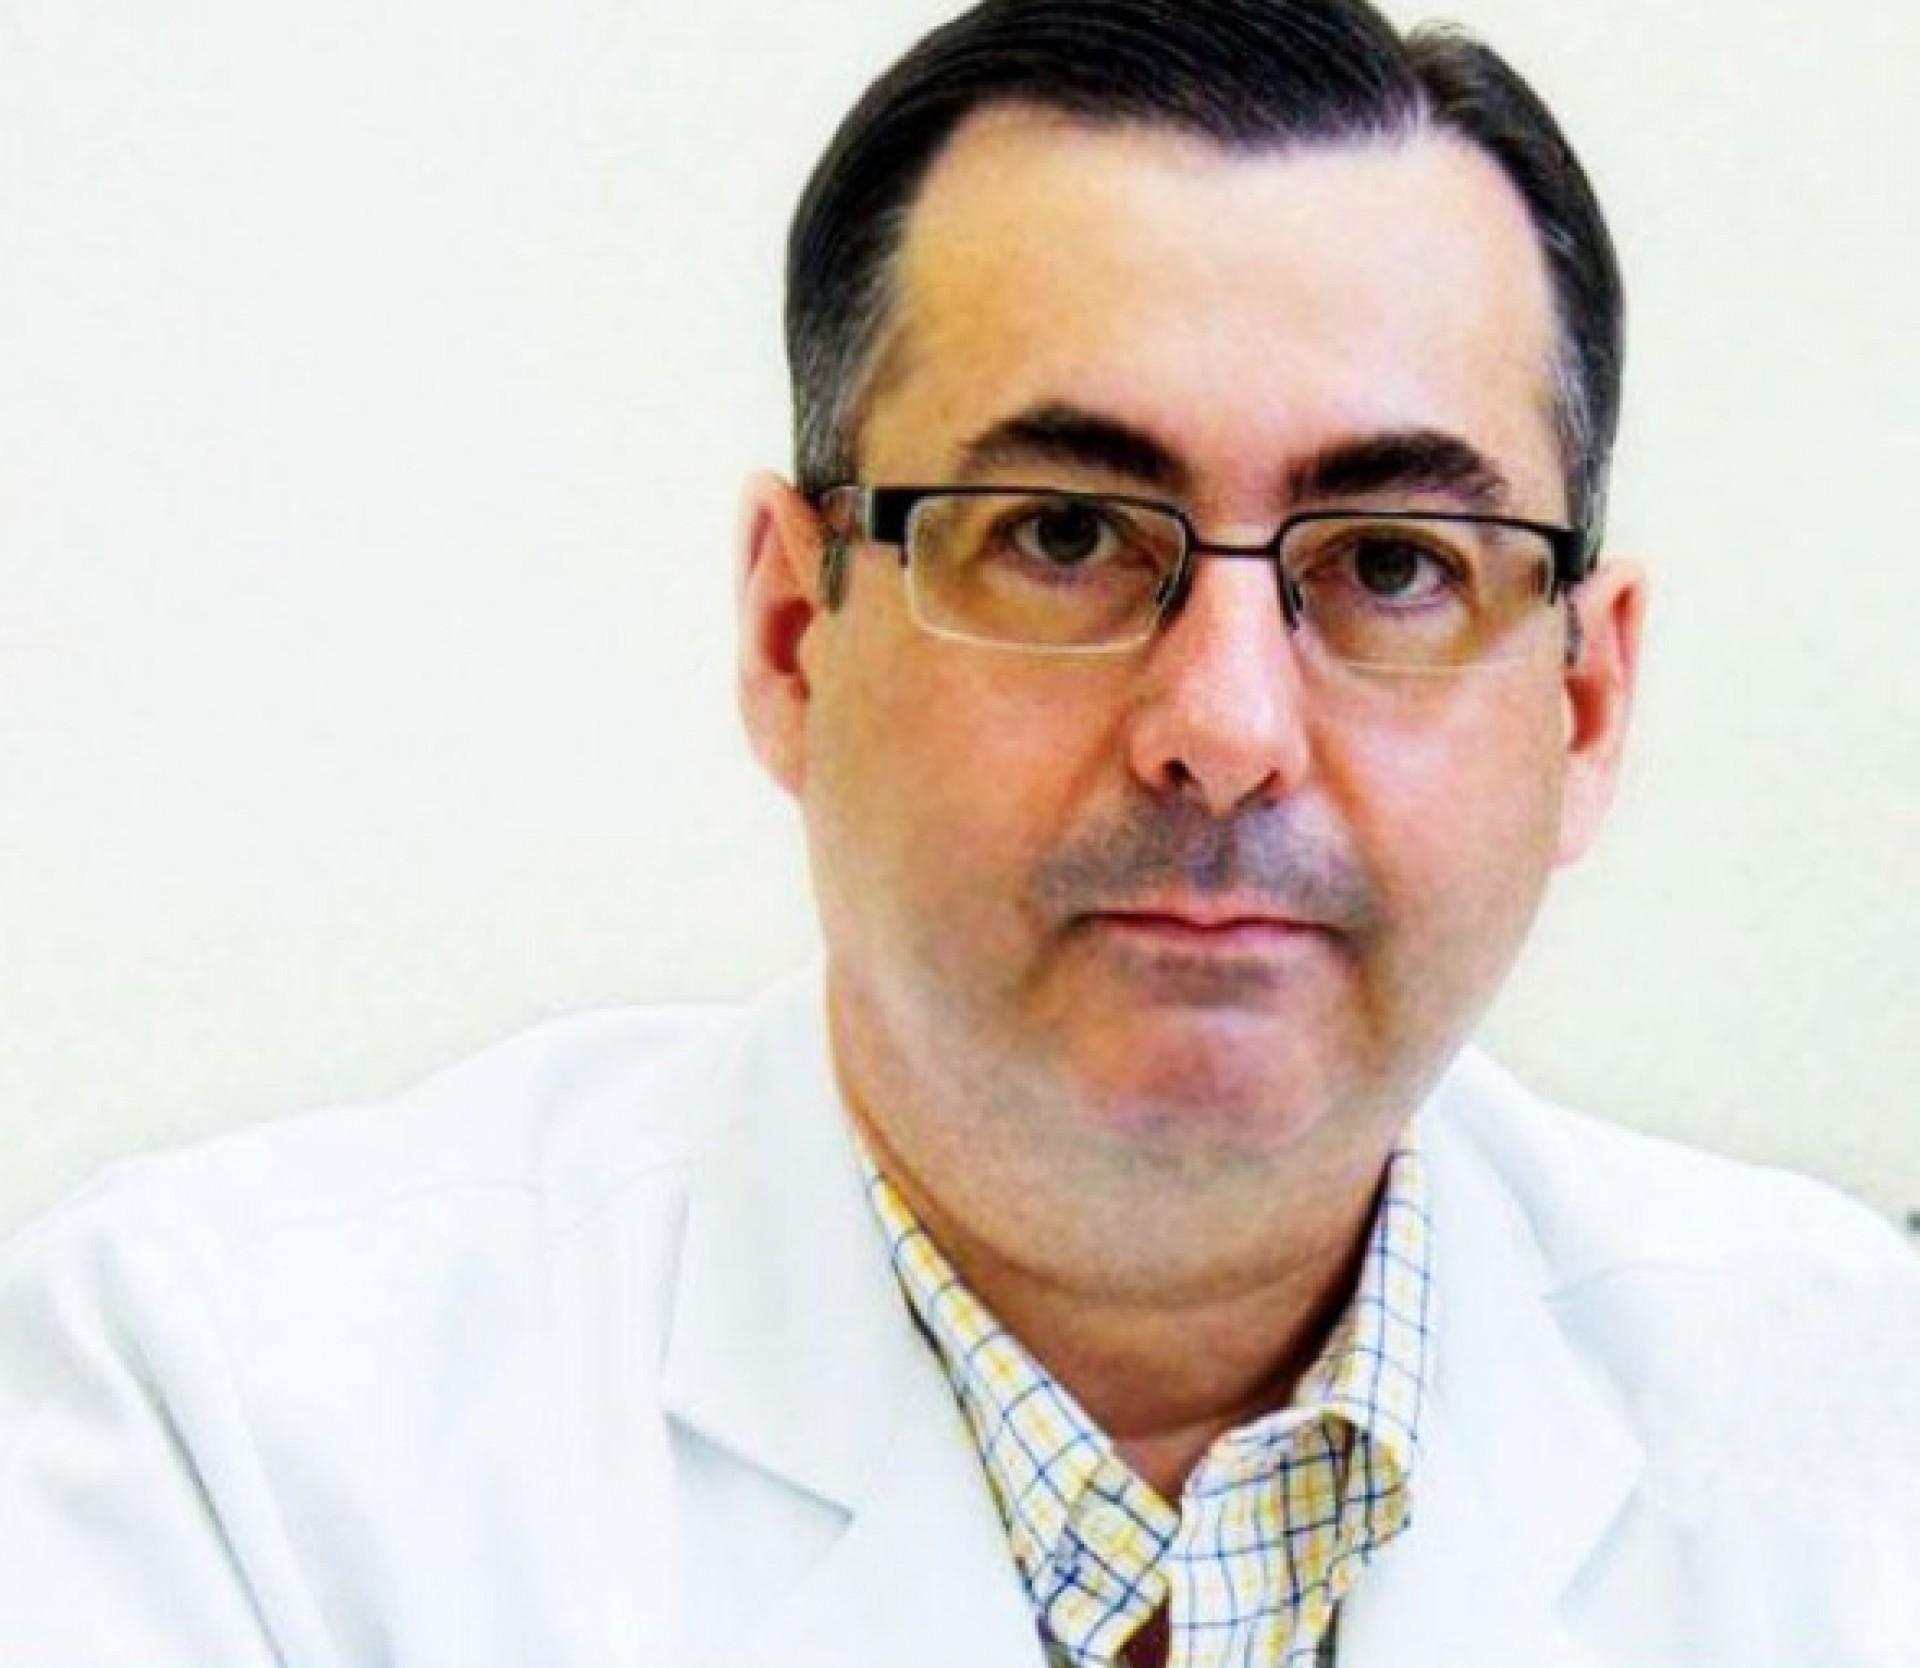 Prontocardio dobra capacidade de atendimento